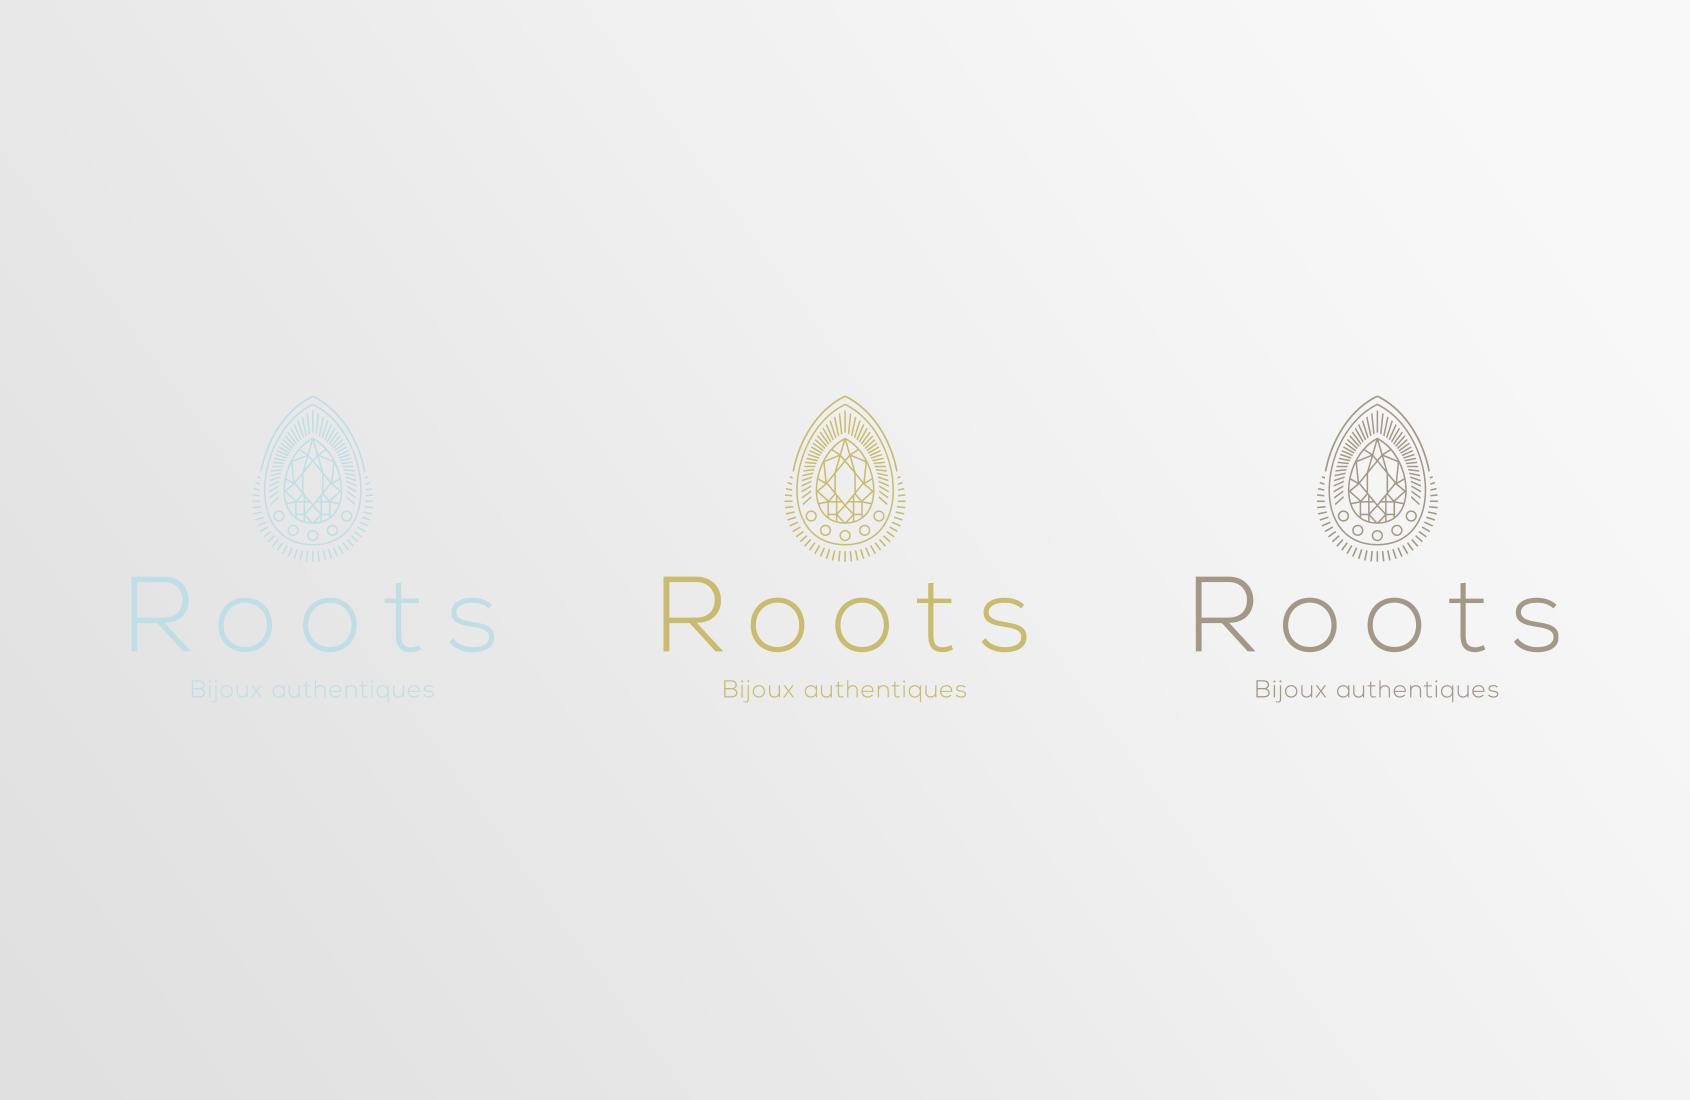 Couleurs de logo Roots